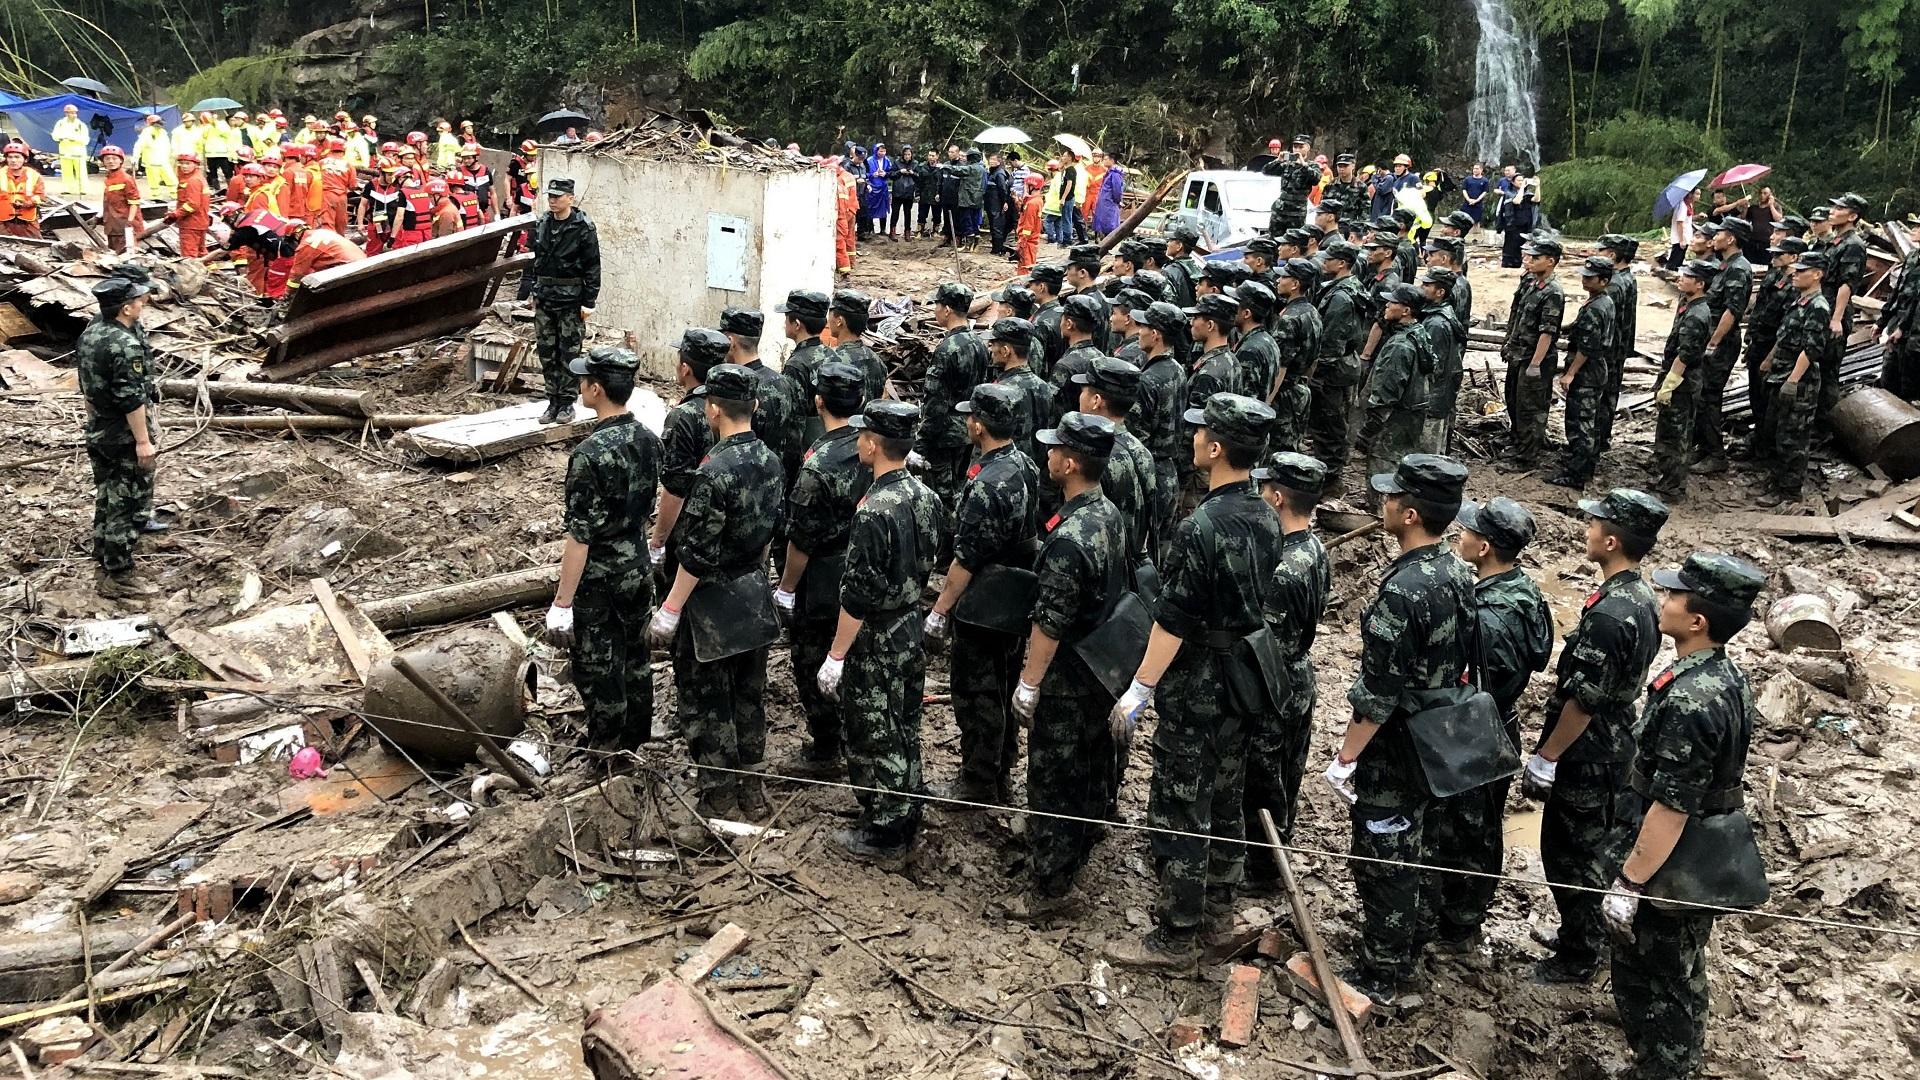 Soldados y servicios de emergencia en zona de desastre. Foto de EFE